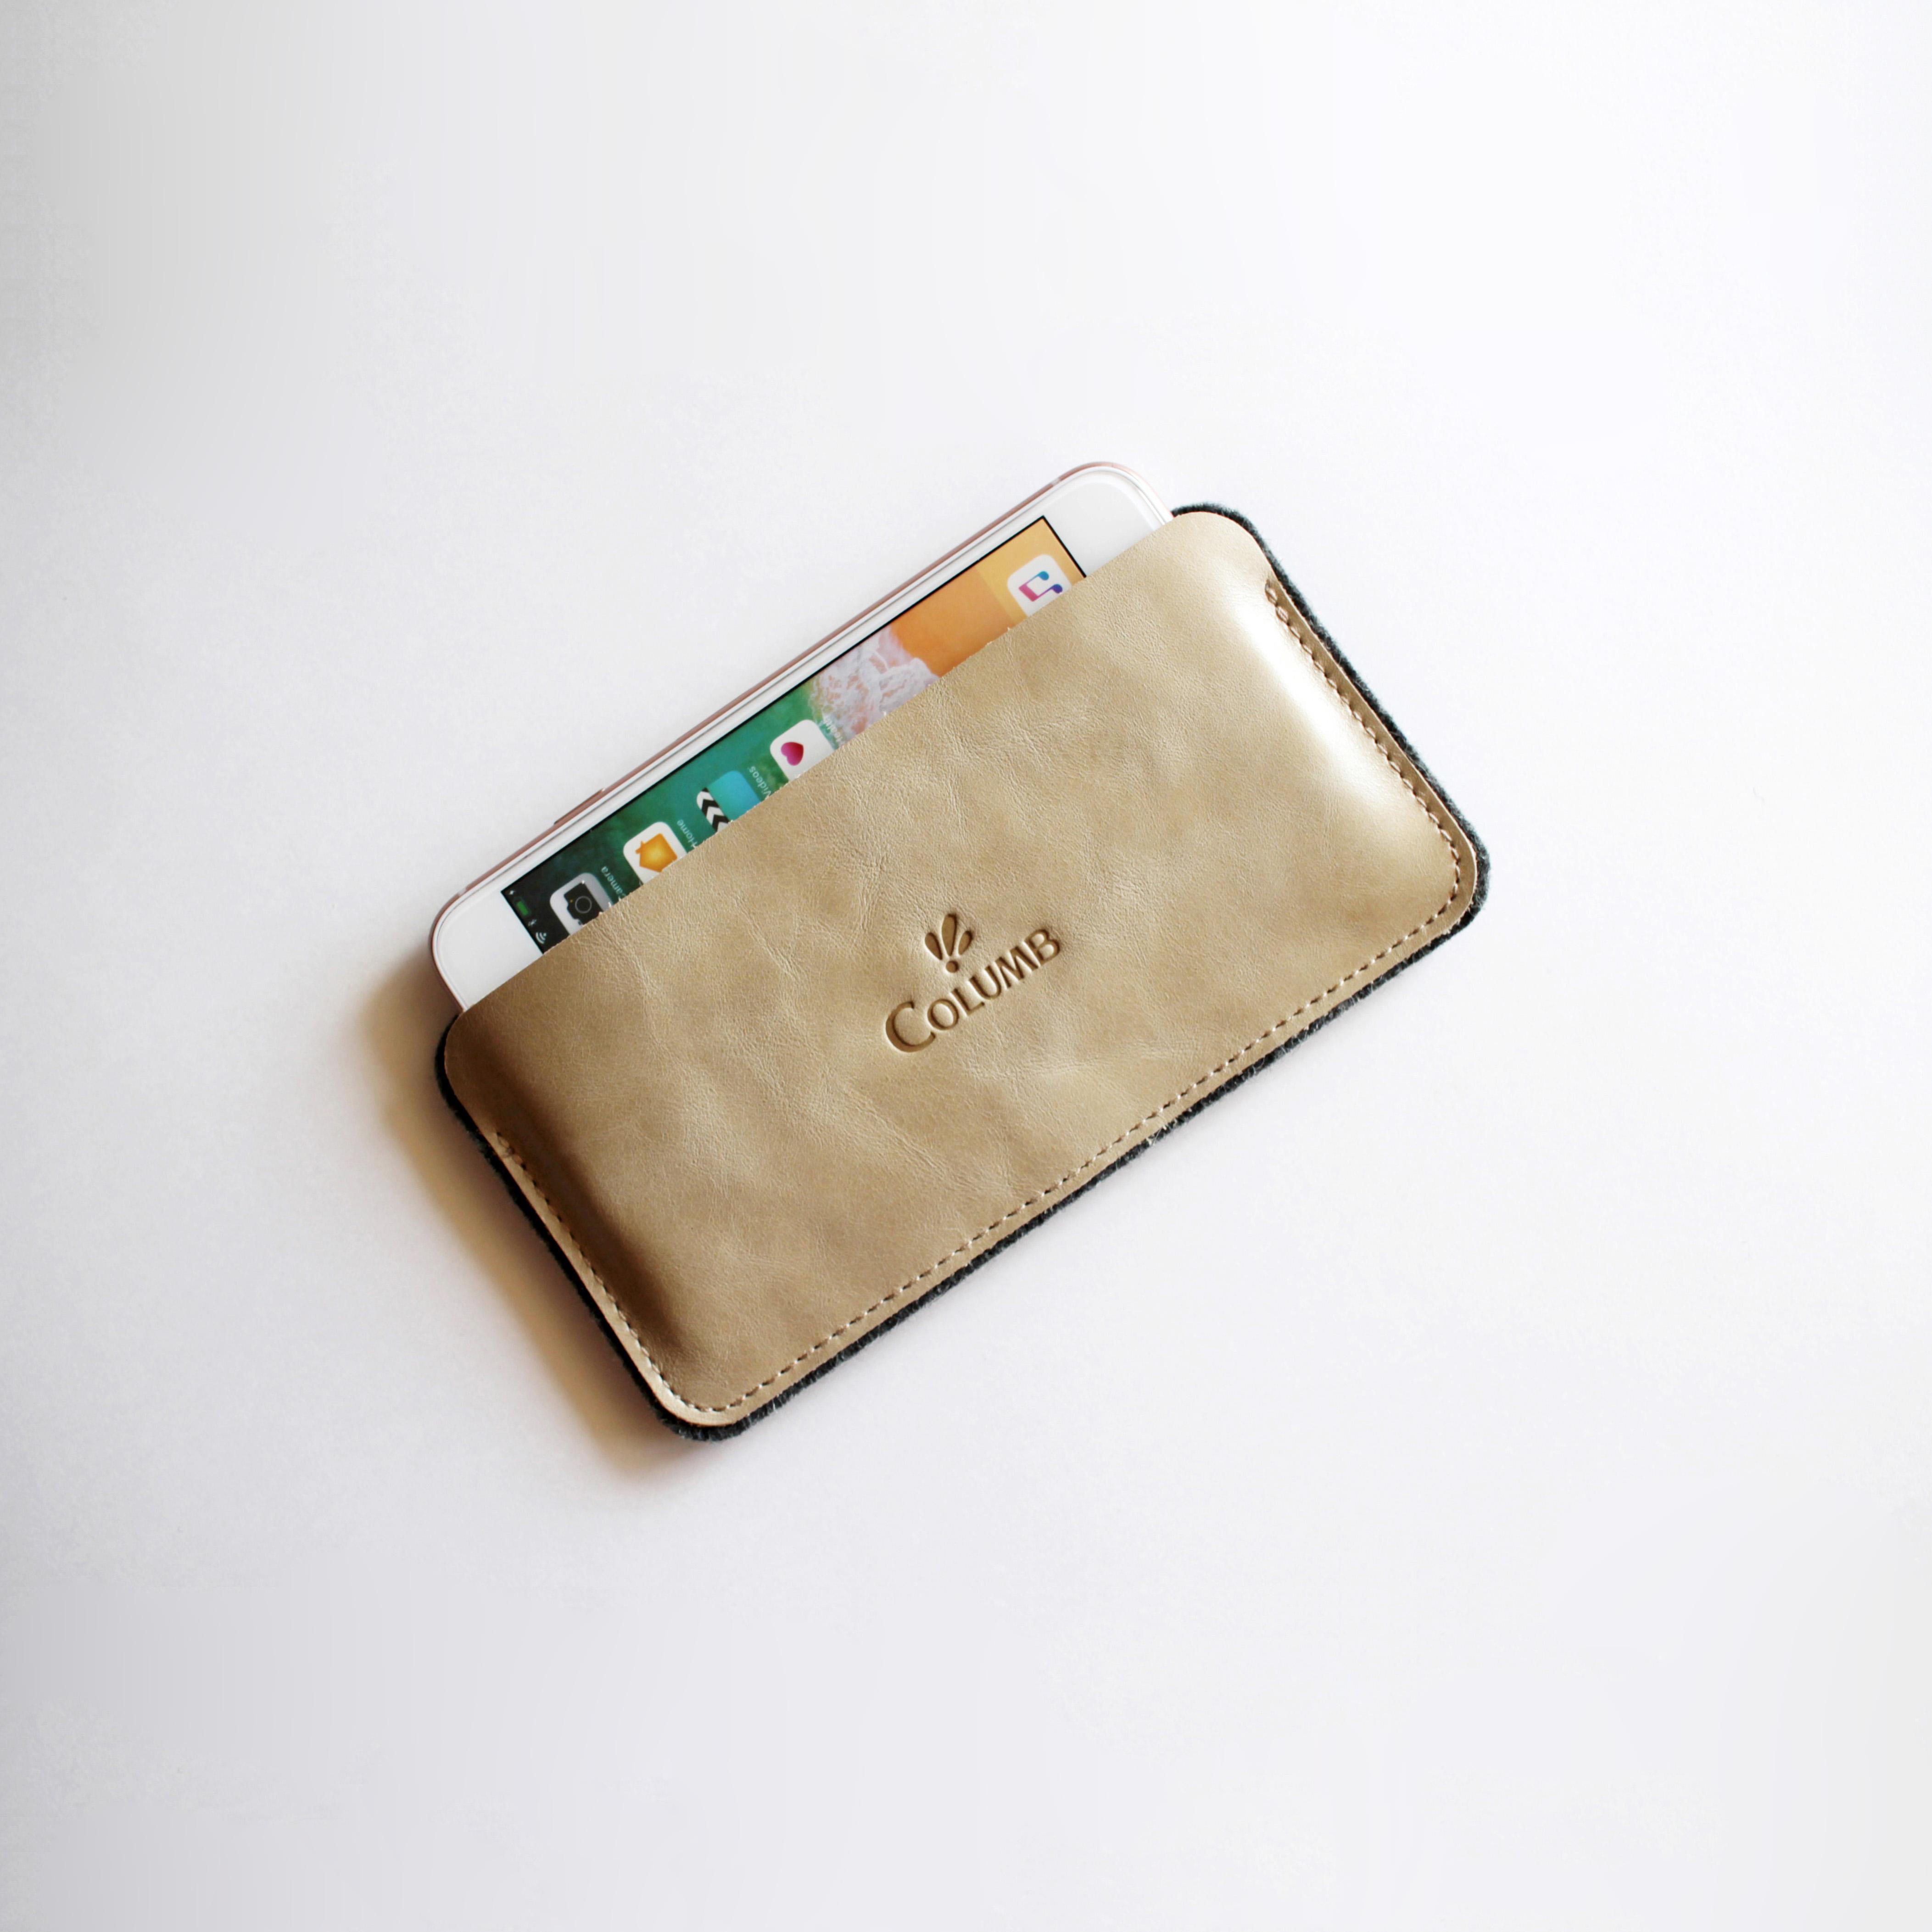 Чехол для сотового телефона Columb 02A02-L-LG, светло-серый, серый